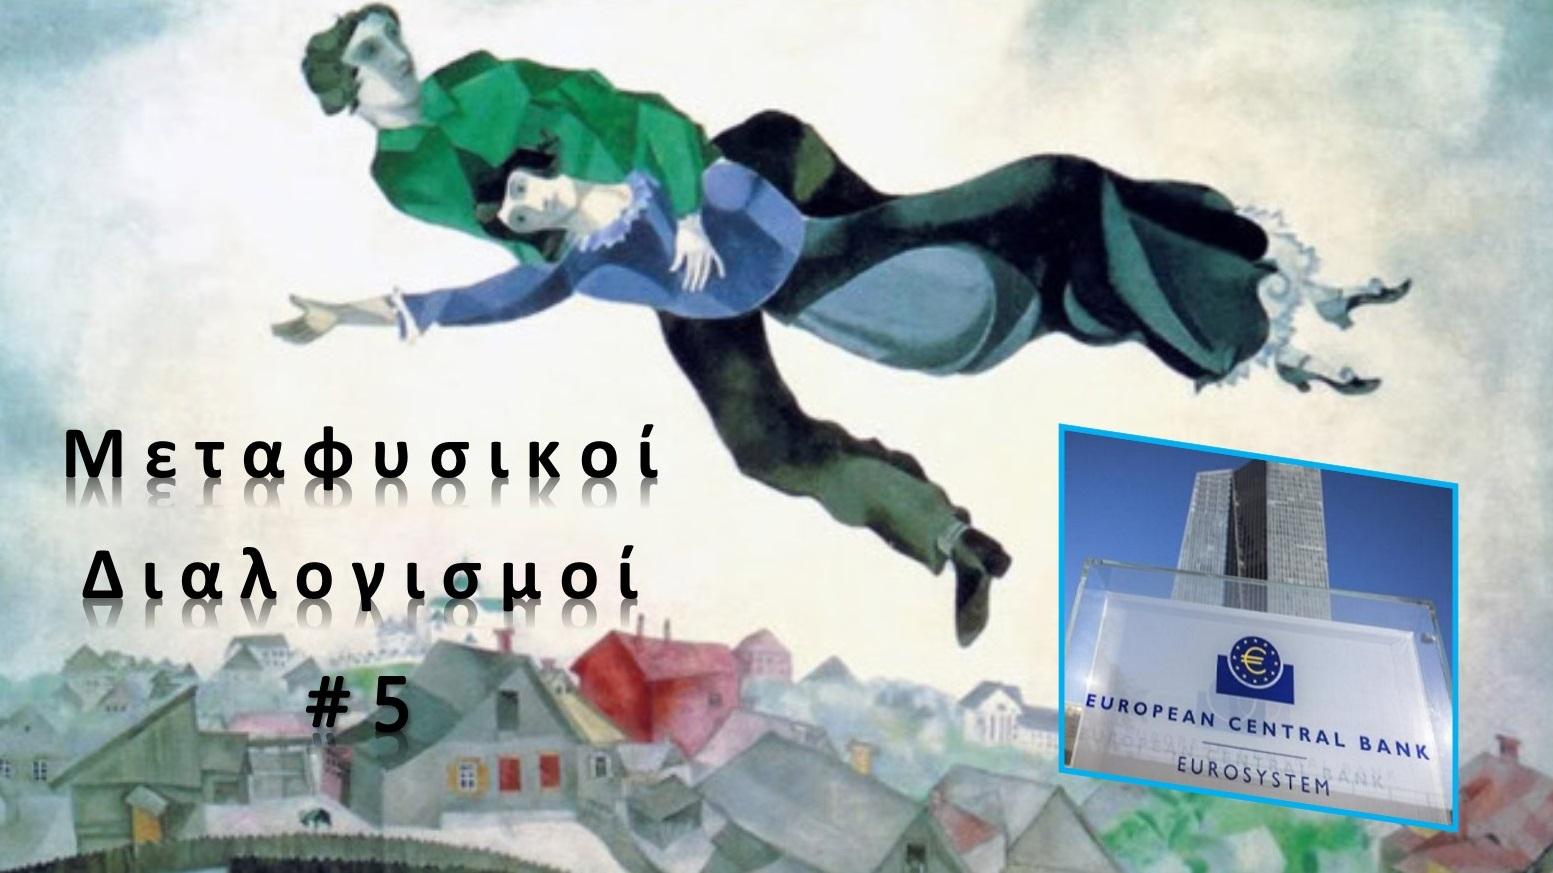 Meditazioni Metafisiche #5: il problema della privatizzazione delle banche e la moneta a debito